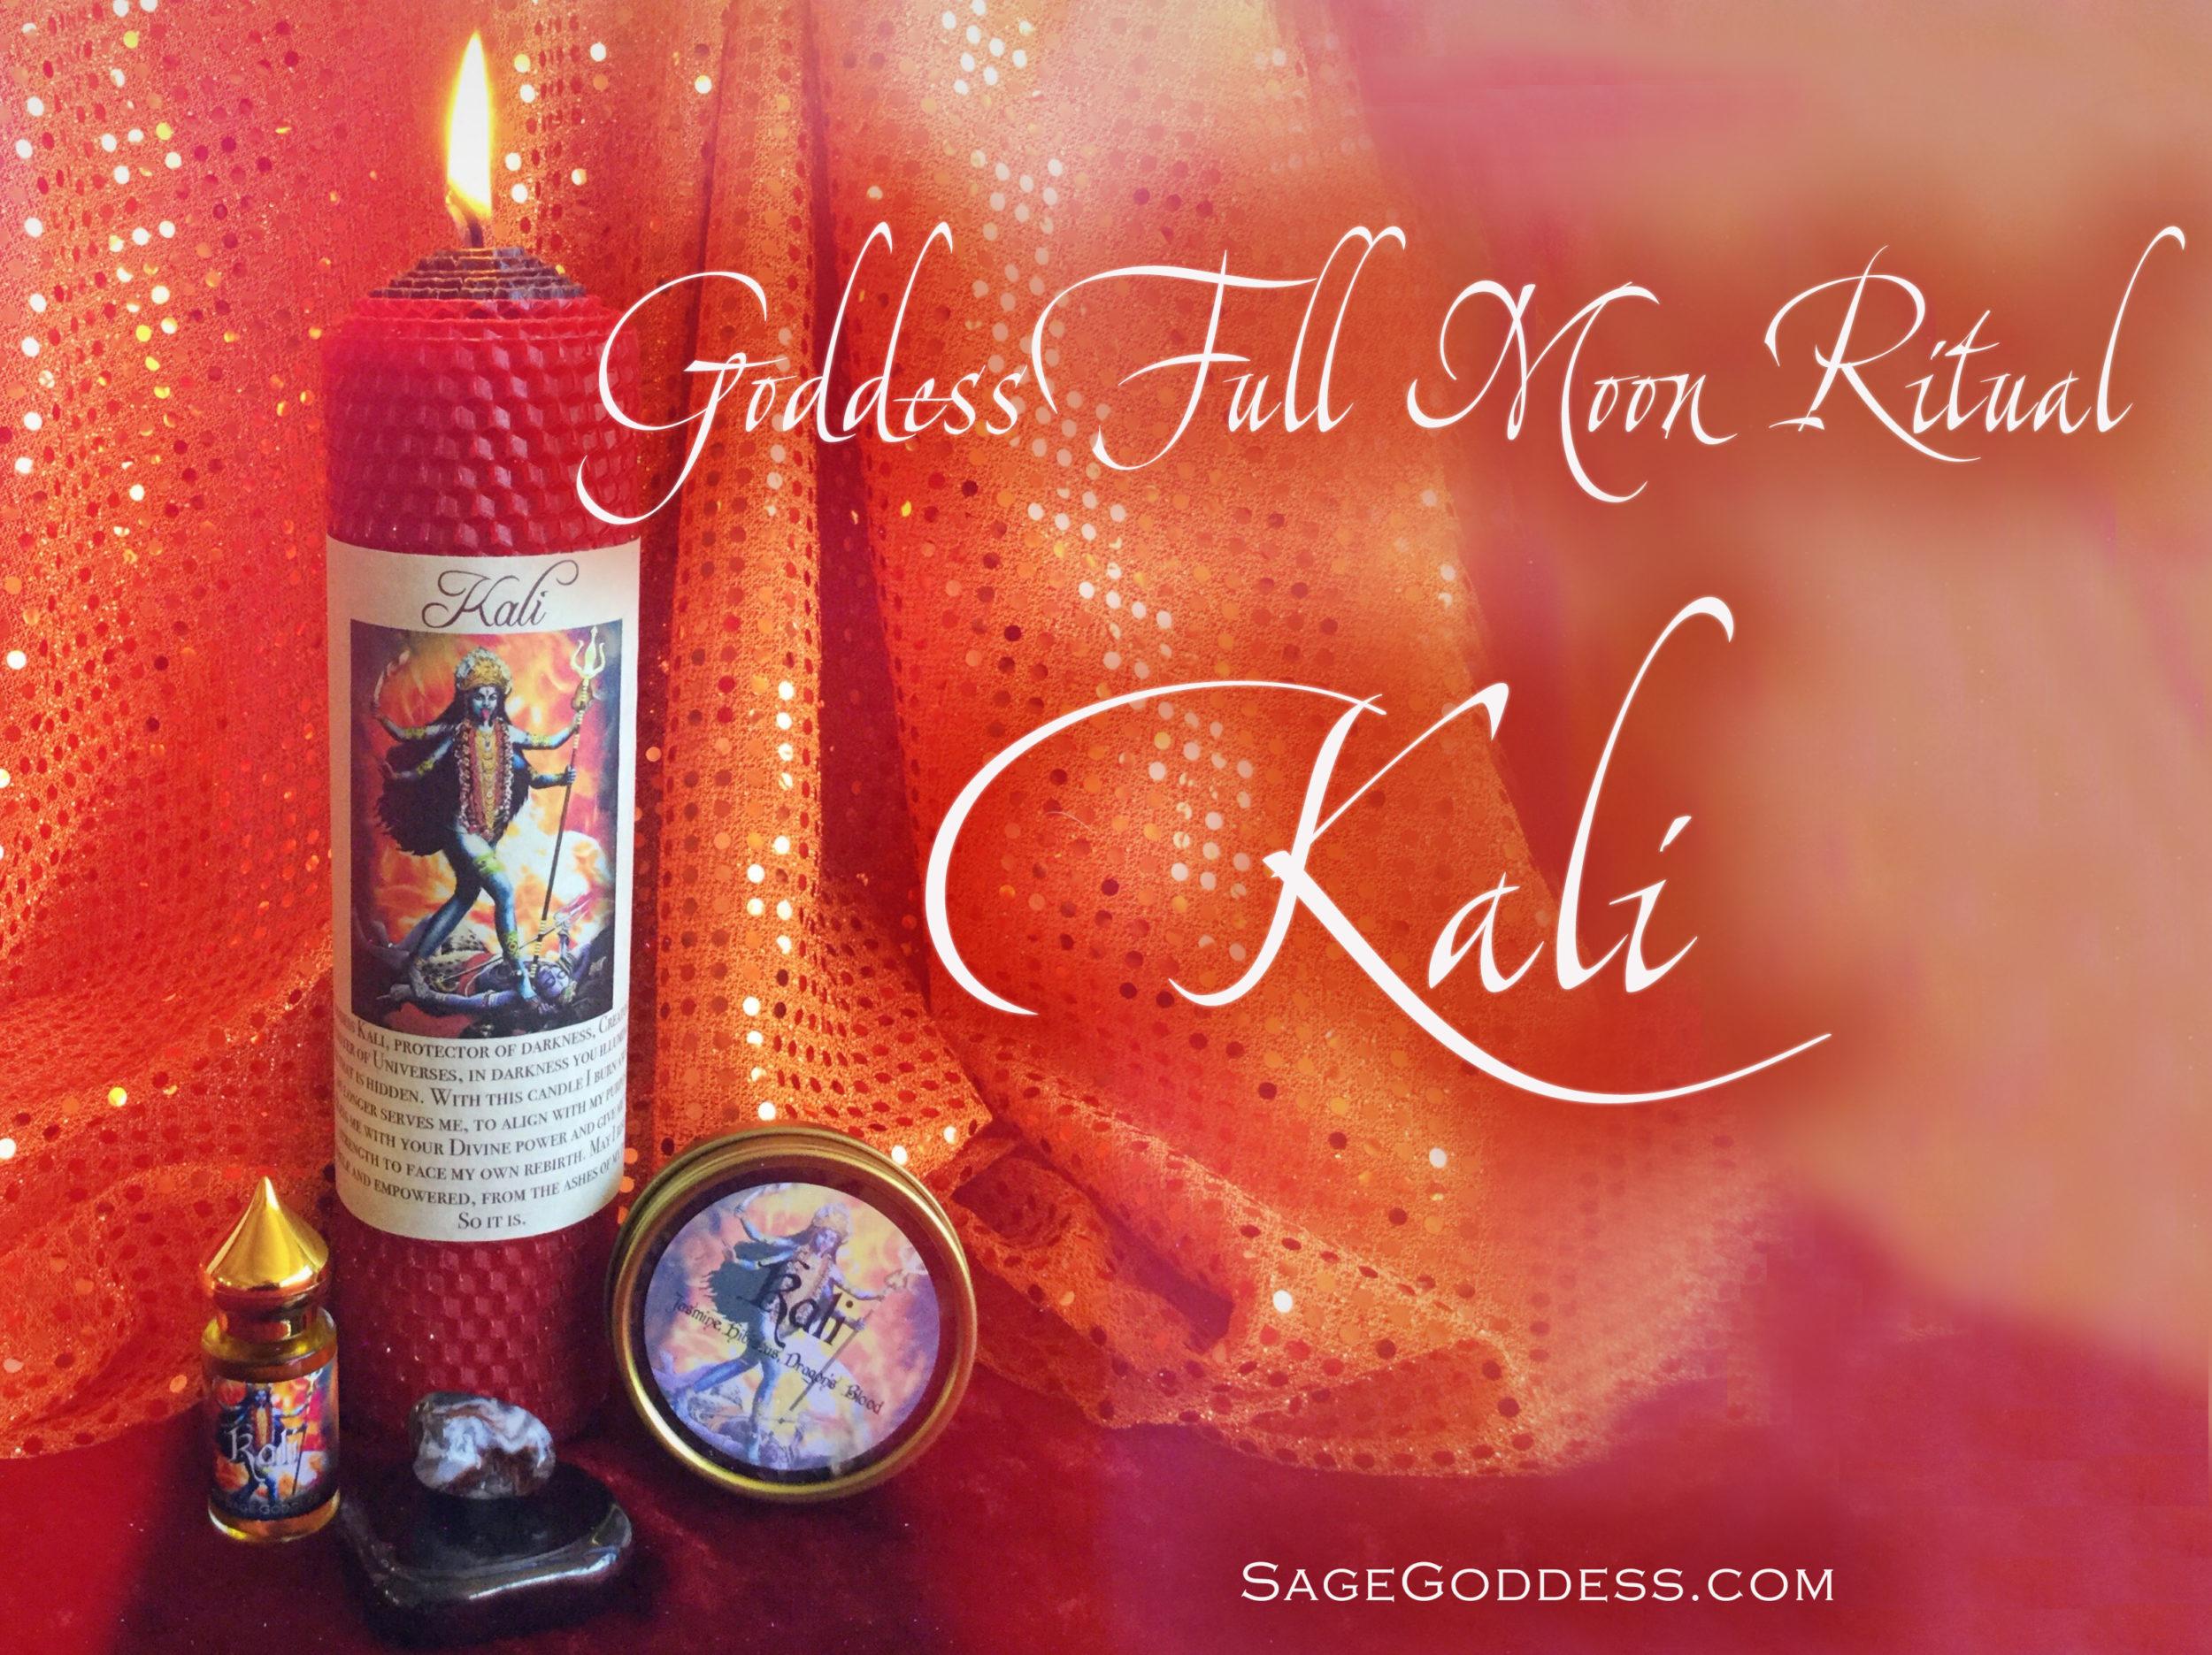 GoddessFMR_January_Kali (1)